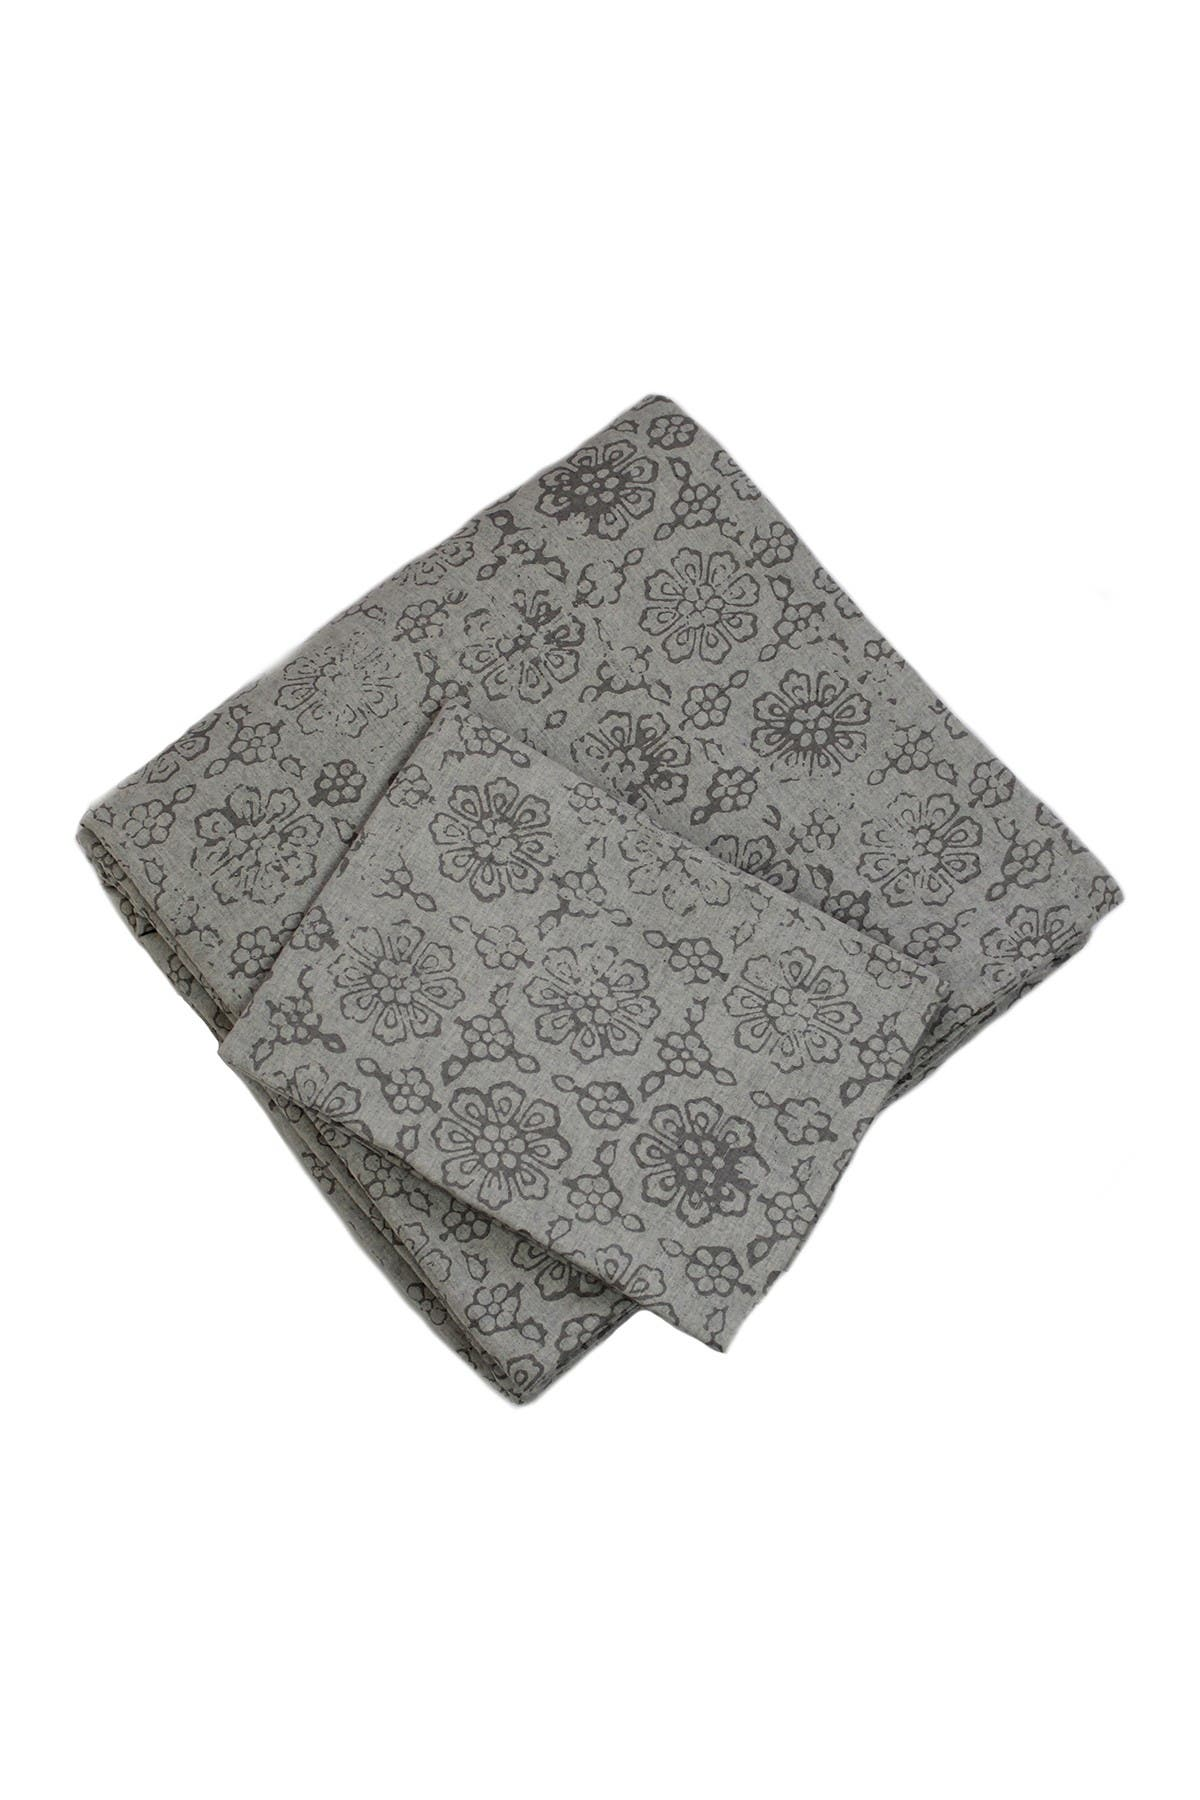 Image of Belle Epoque Print Grey Dk Grey Top Heather Flannel Duvet Set - Queen